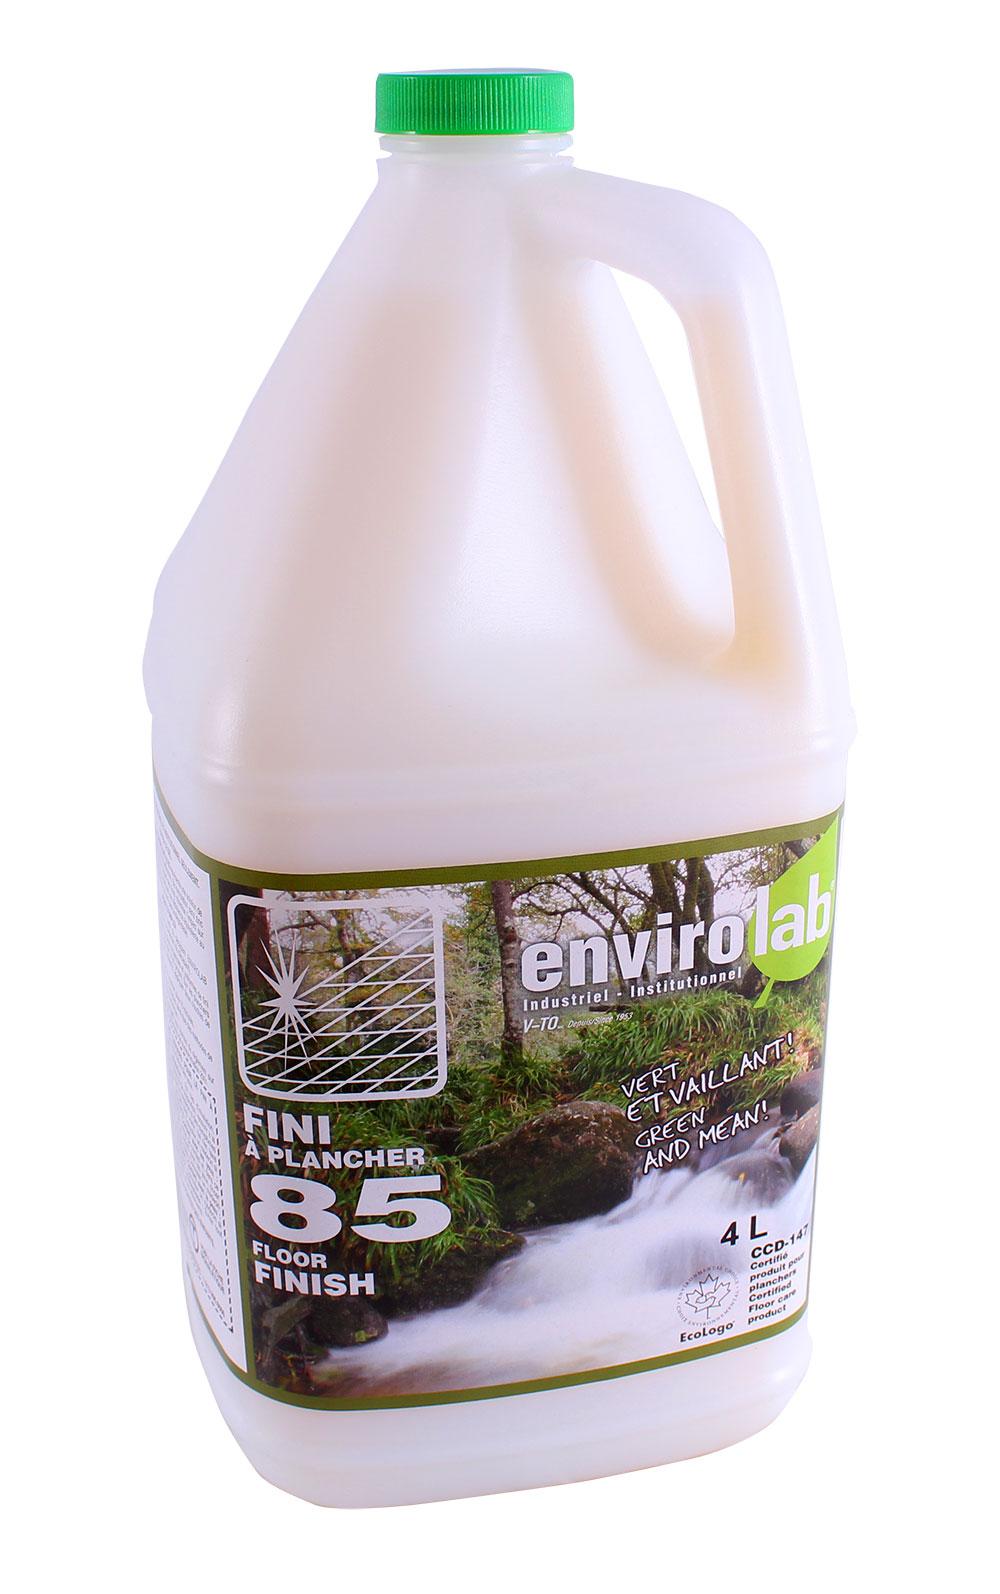 Envirolab85